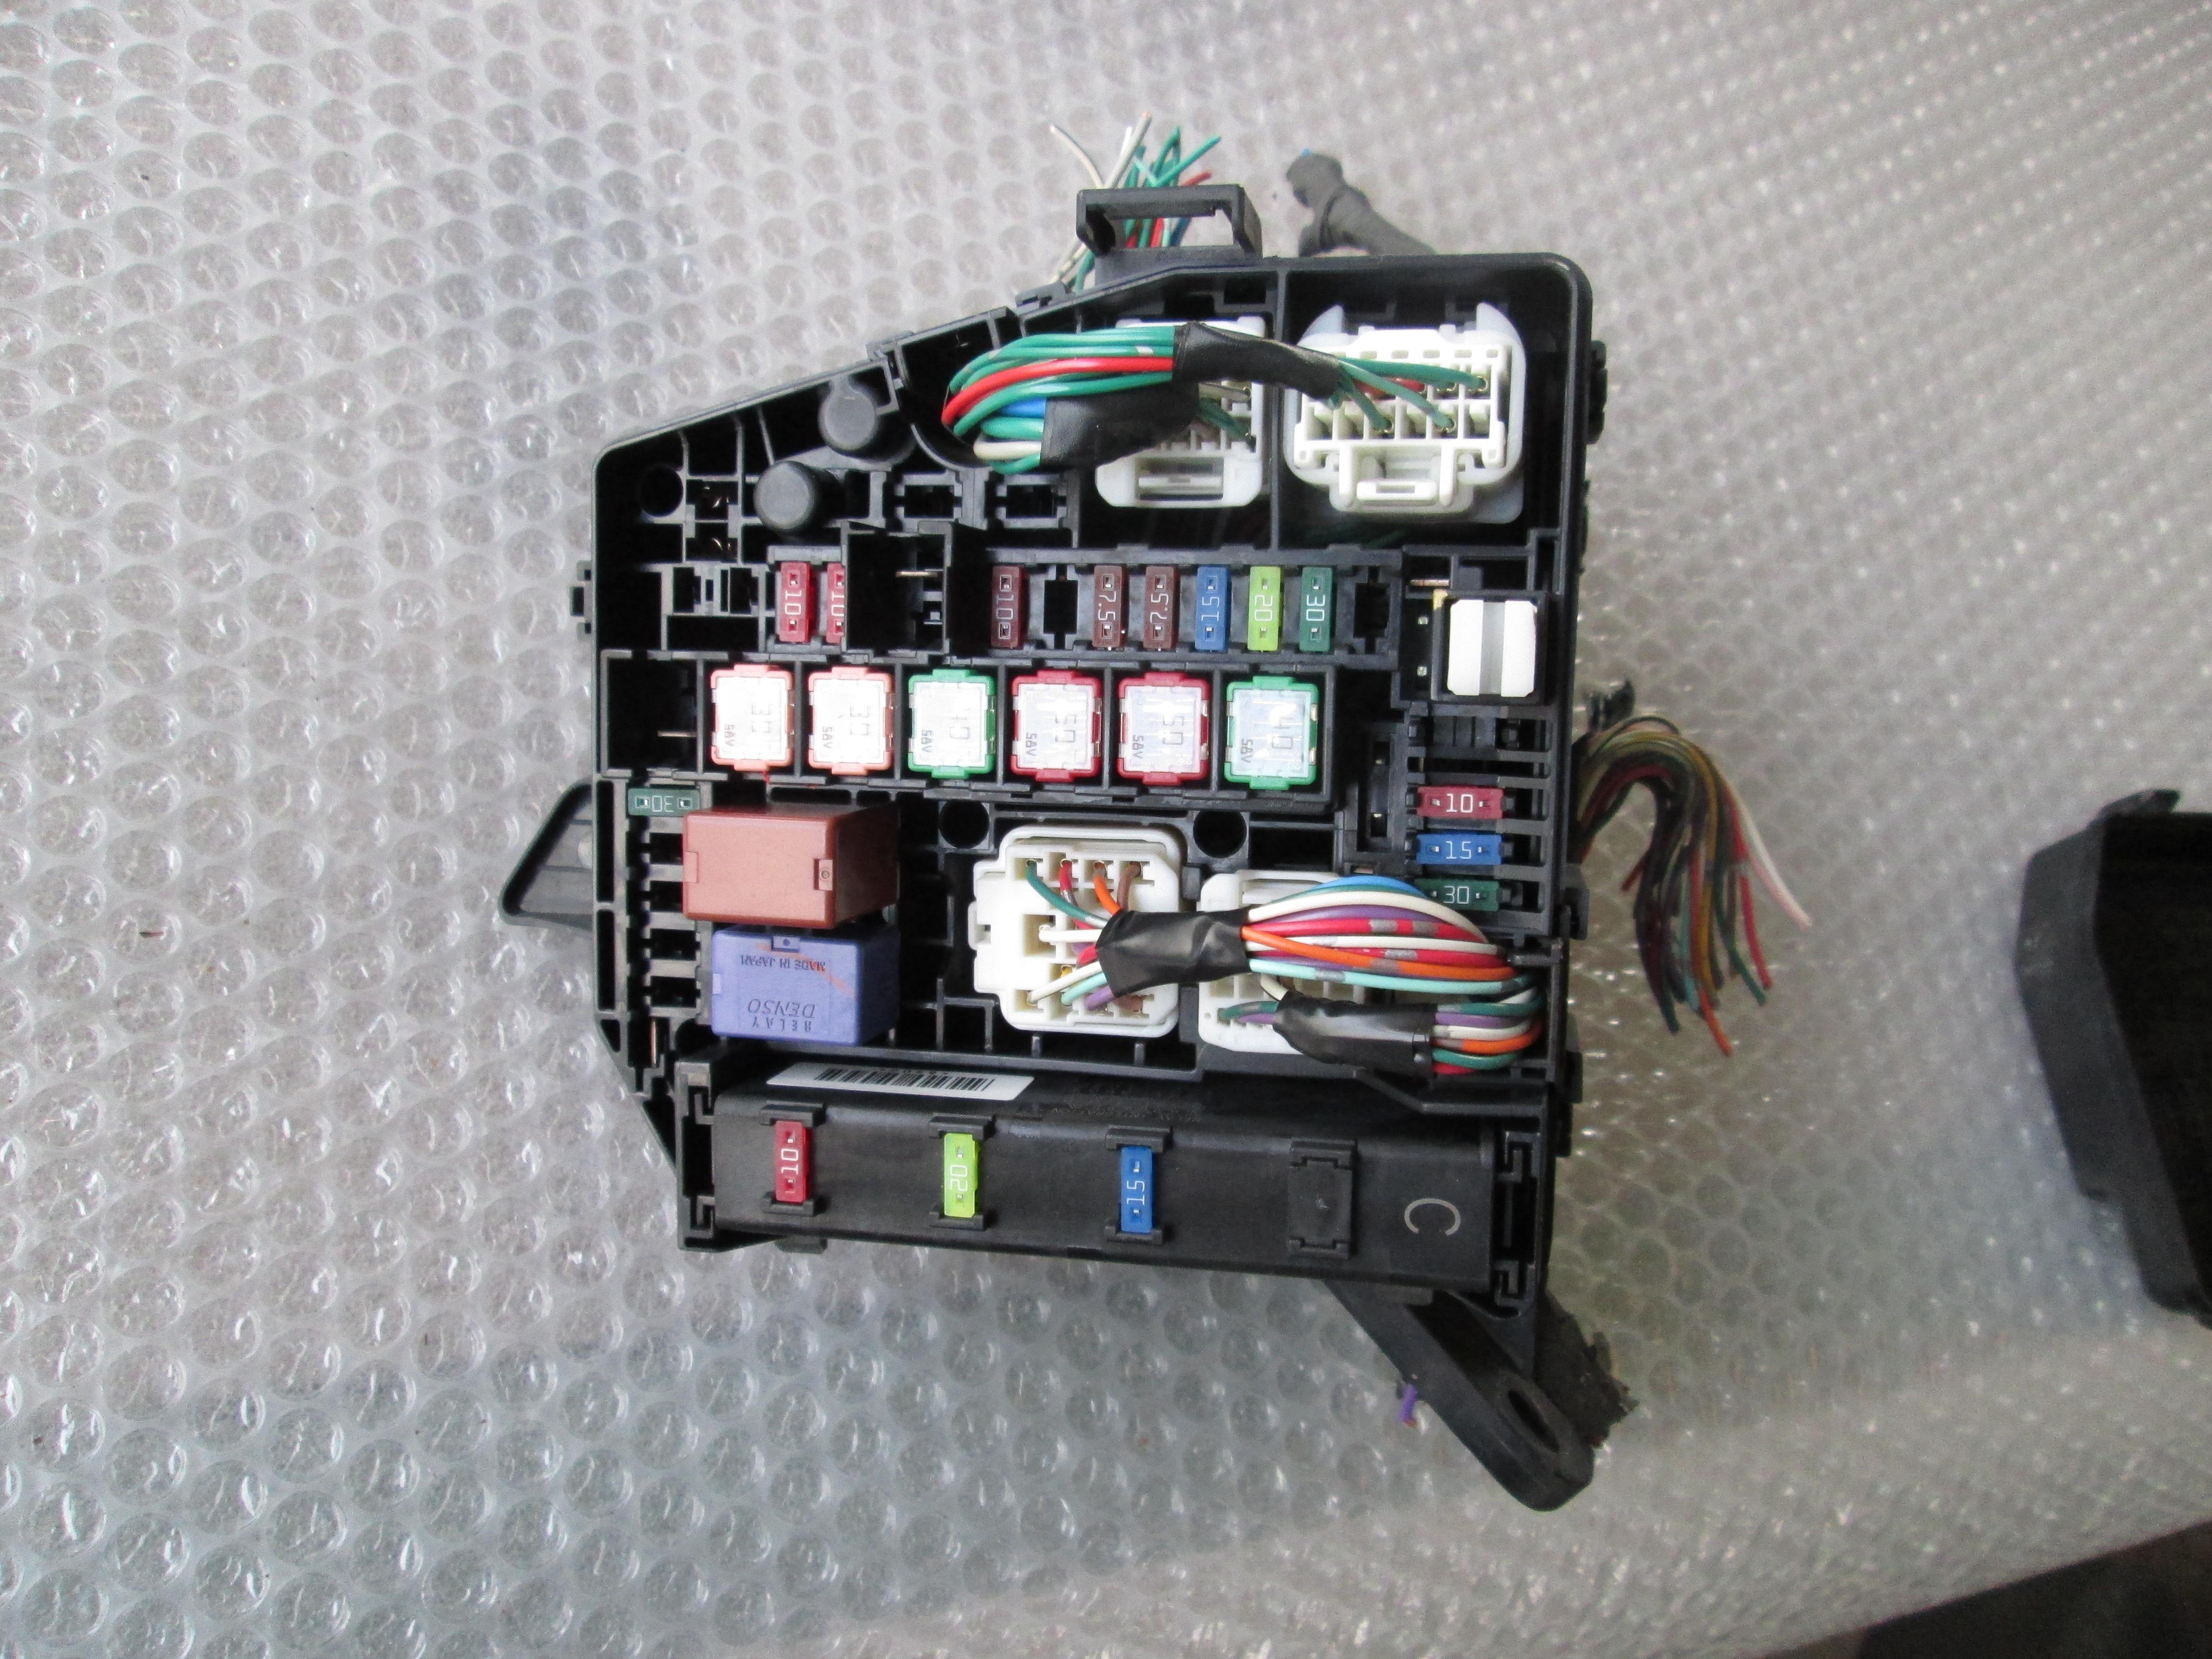 Schema Elettrico Autoradio Toyota Yaris : Schema elettrico autoradio toyota yaris